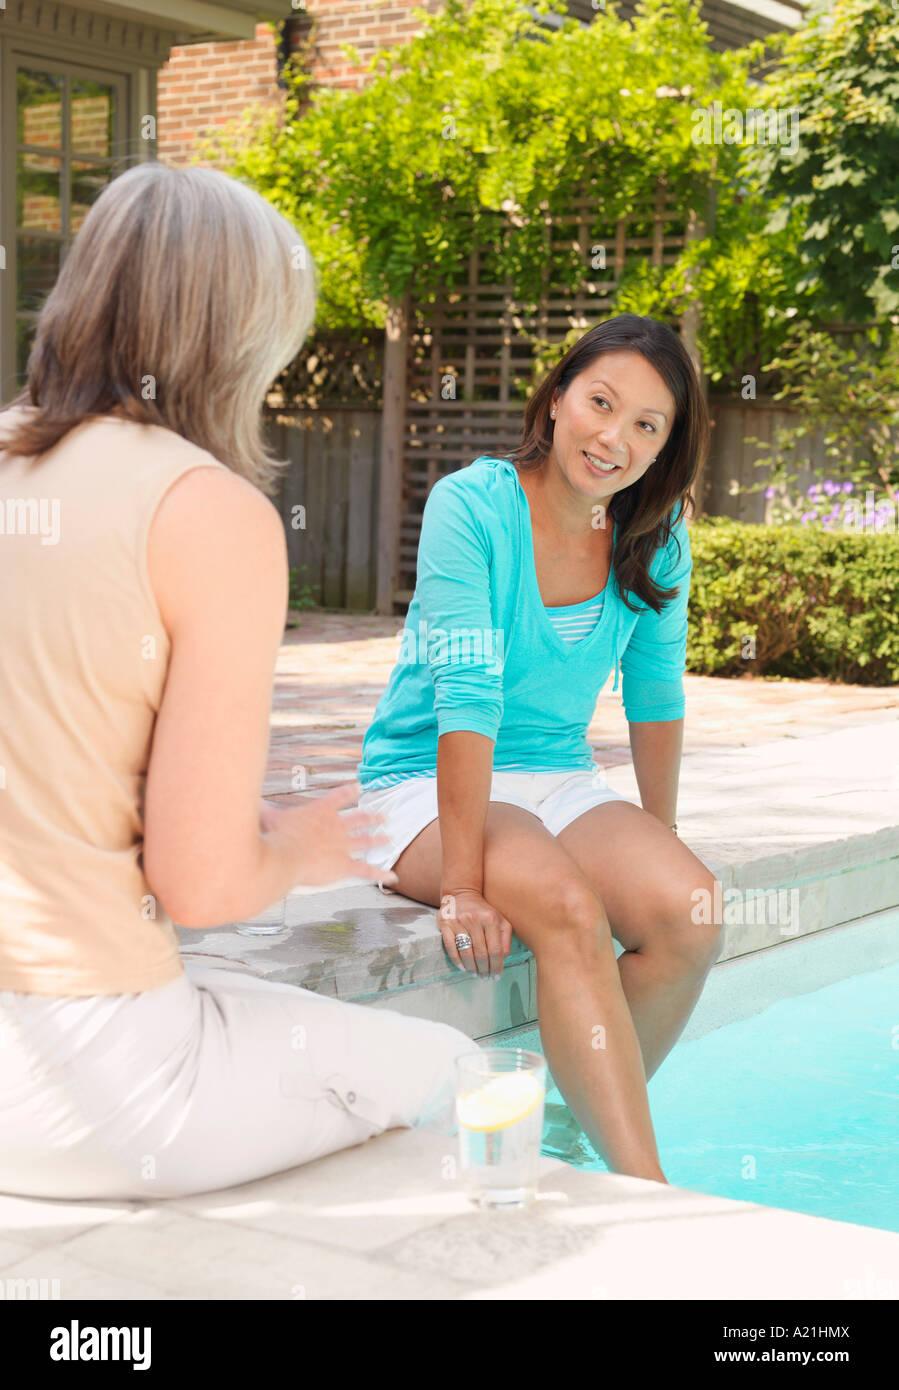 La femme assise à côté de la piscine Banque D'Images